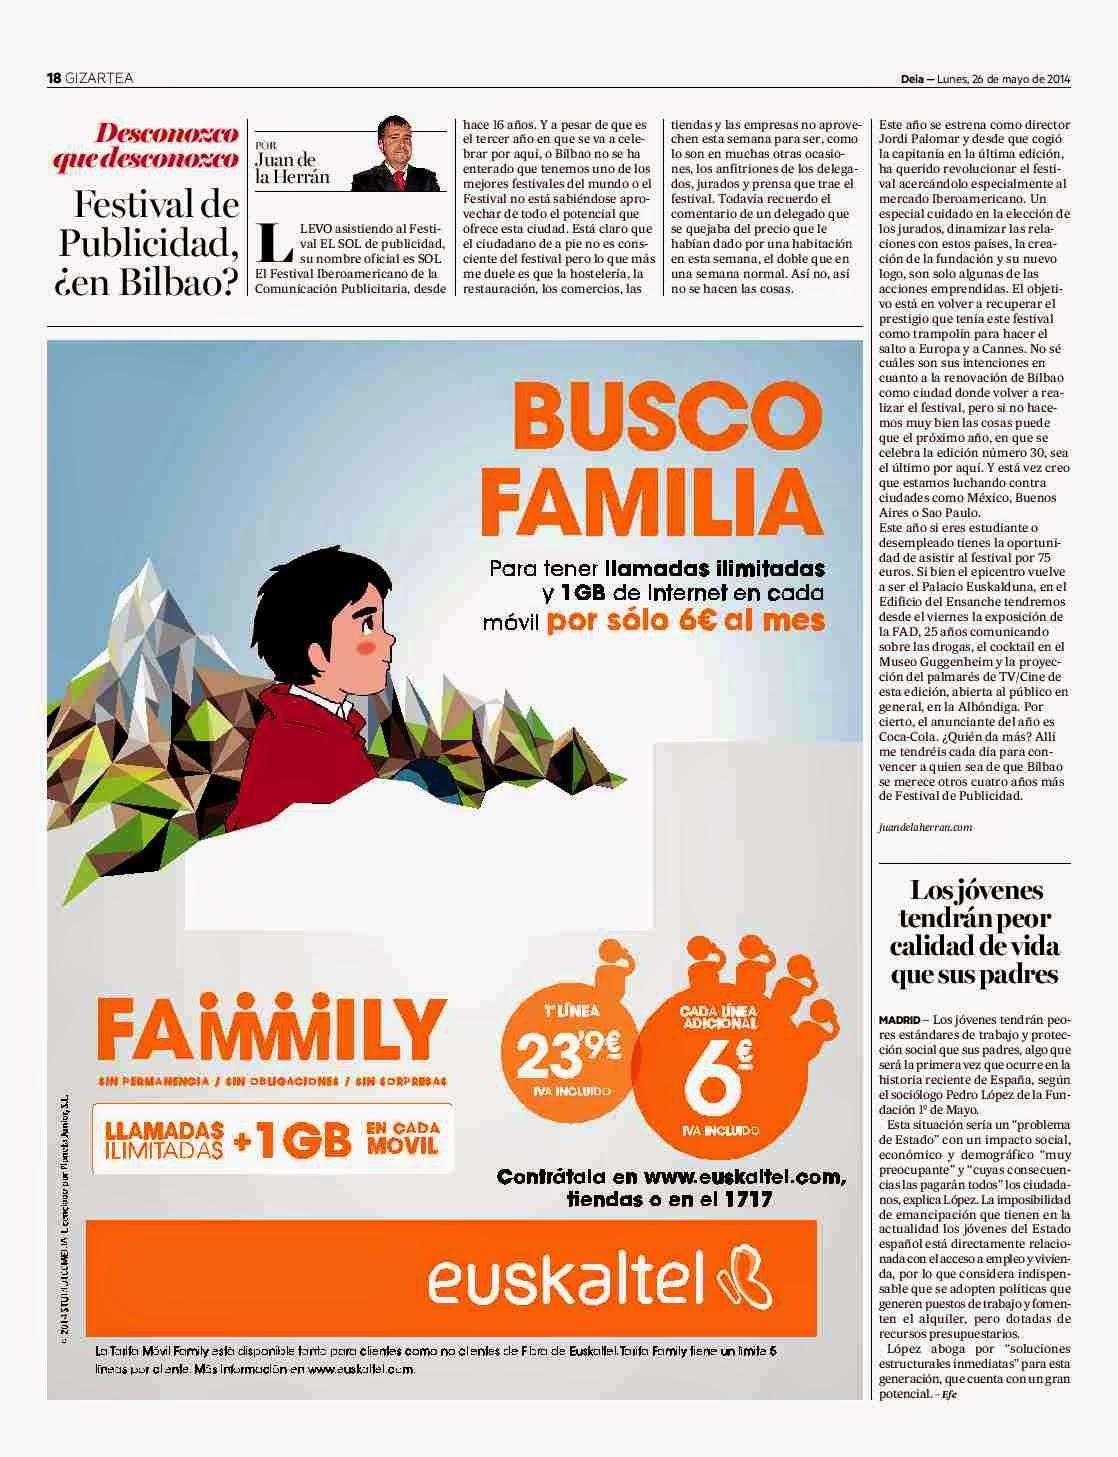 Festival de Publicidad, ¿en Bilbao?